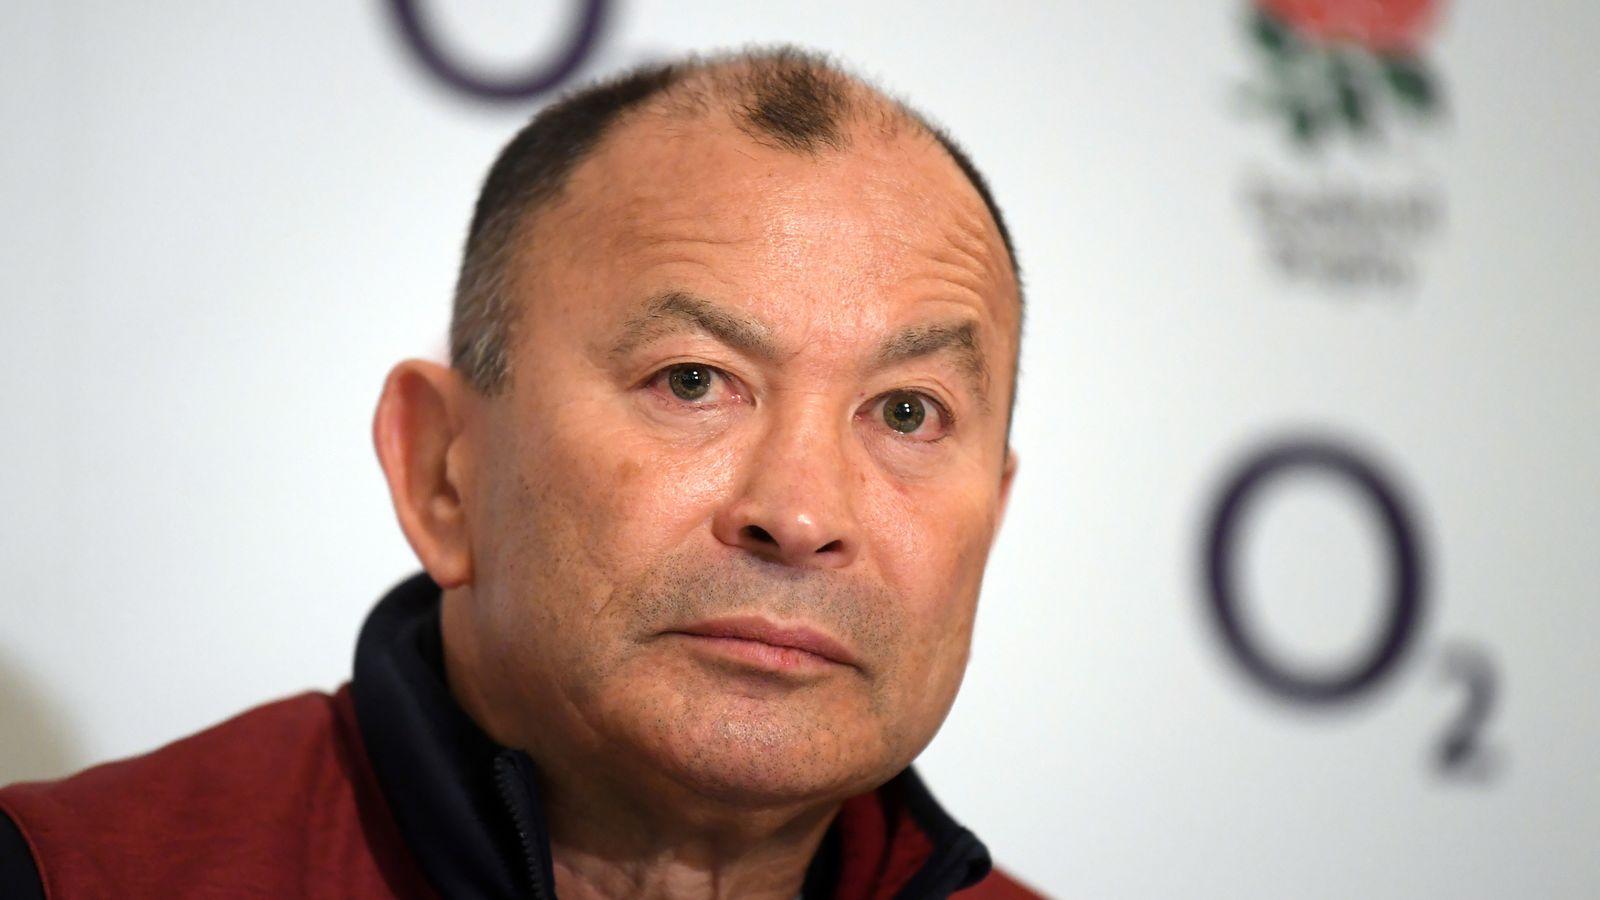 Eddie Jones: el entrenador en jefe de Inglaterra firmará un nuevo acuerdo hasta la Copa Mundial 2023   Noticias de la Unión de Rugby 23